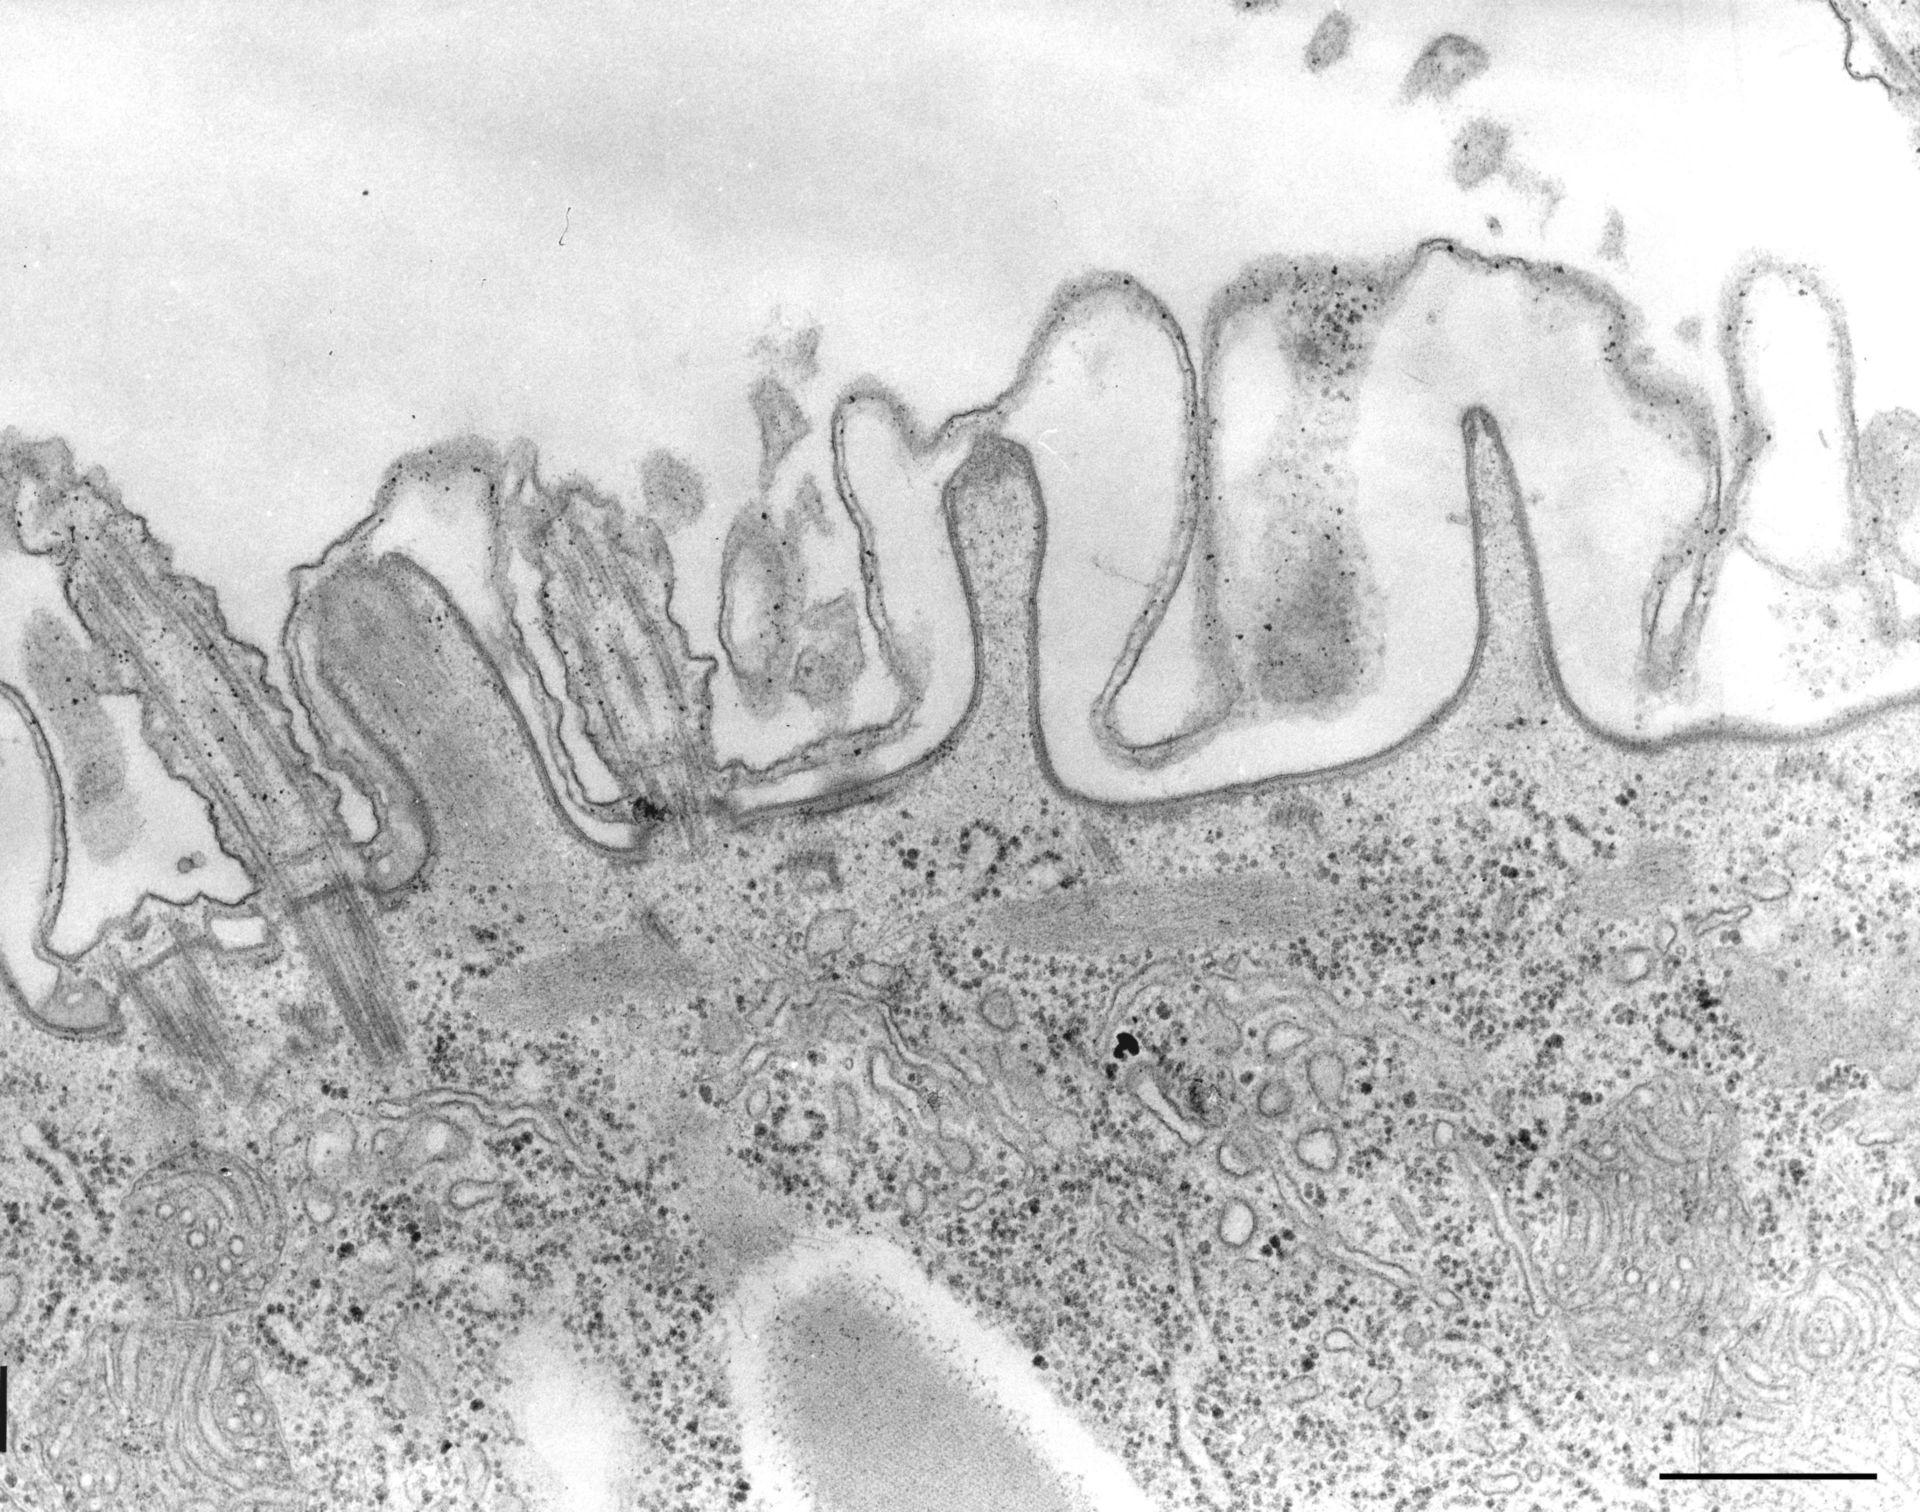 Paramecium caudatum (endosoma superficiale) - CIL:36767